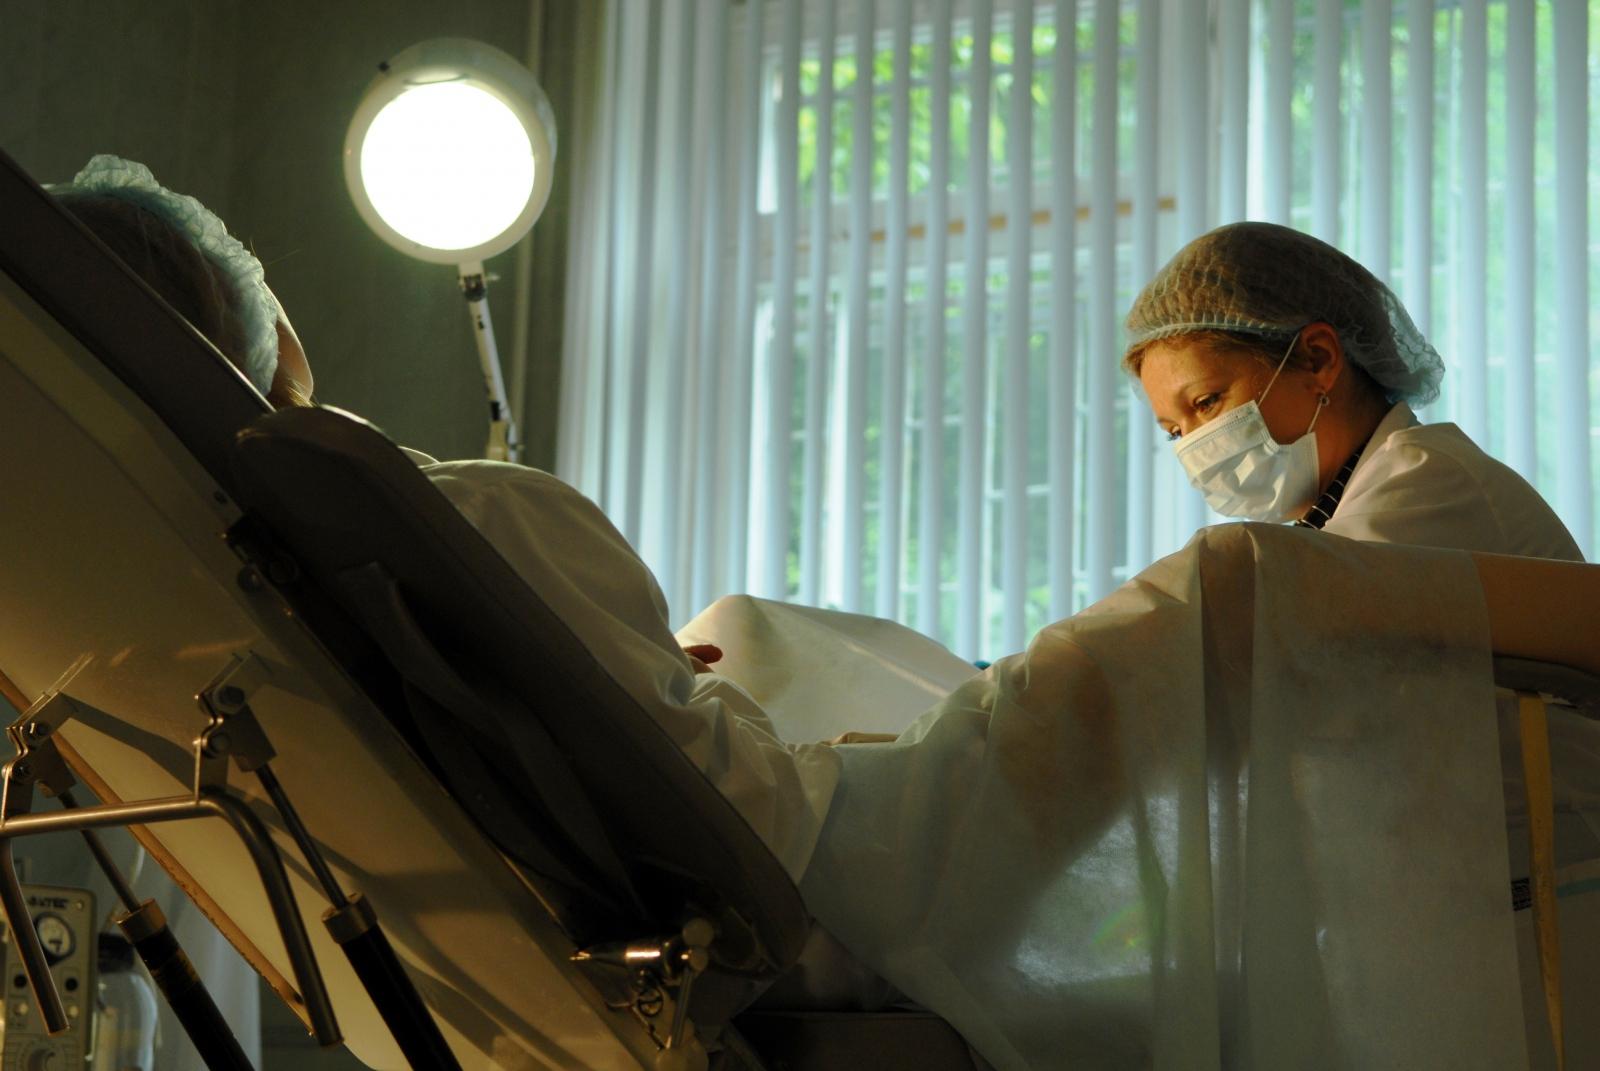 Фото голой девушки в гинекологическом кресле, гинеколог: порно фото и секс в кабинете гинеколога 7 фотография